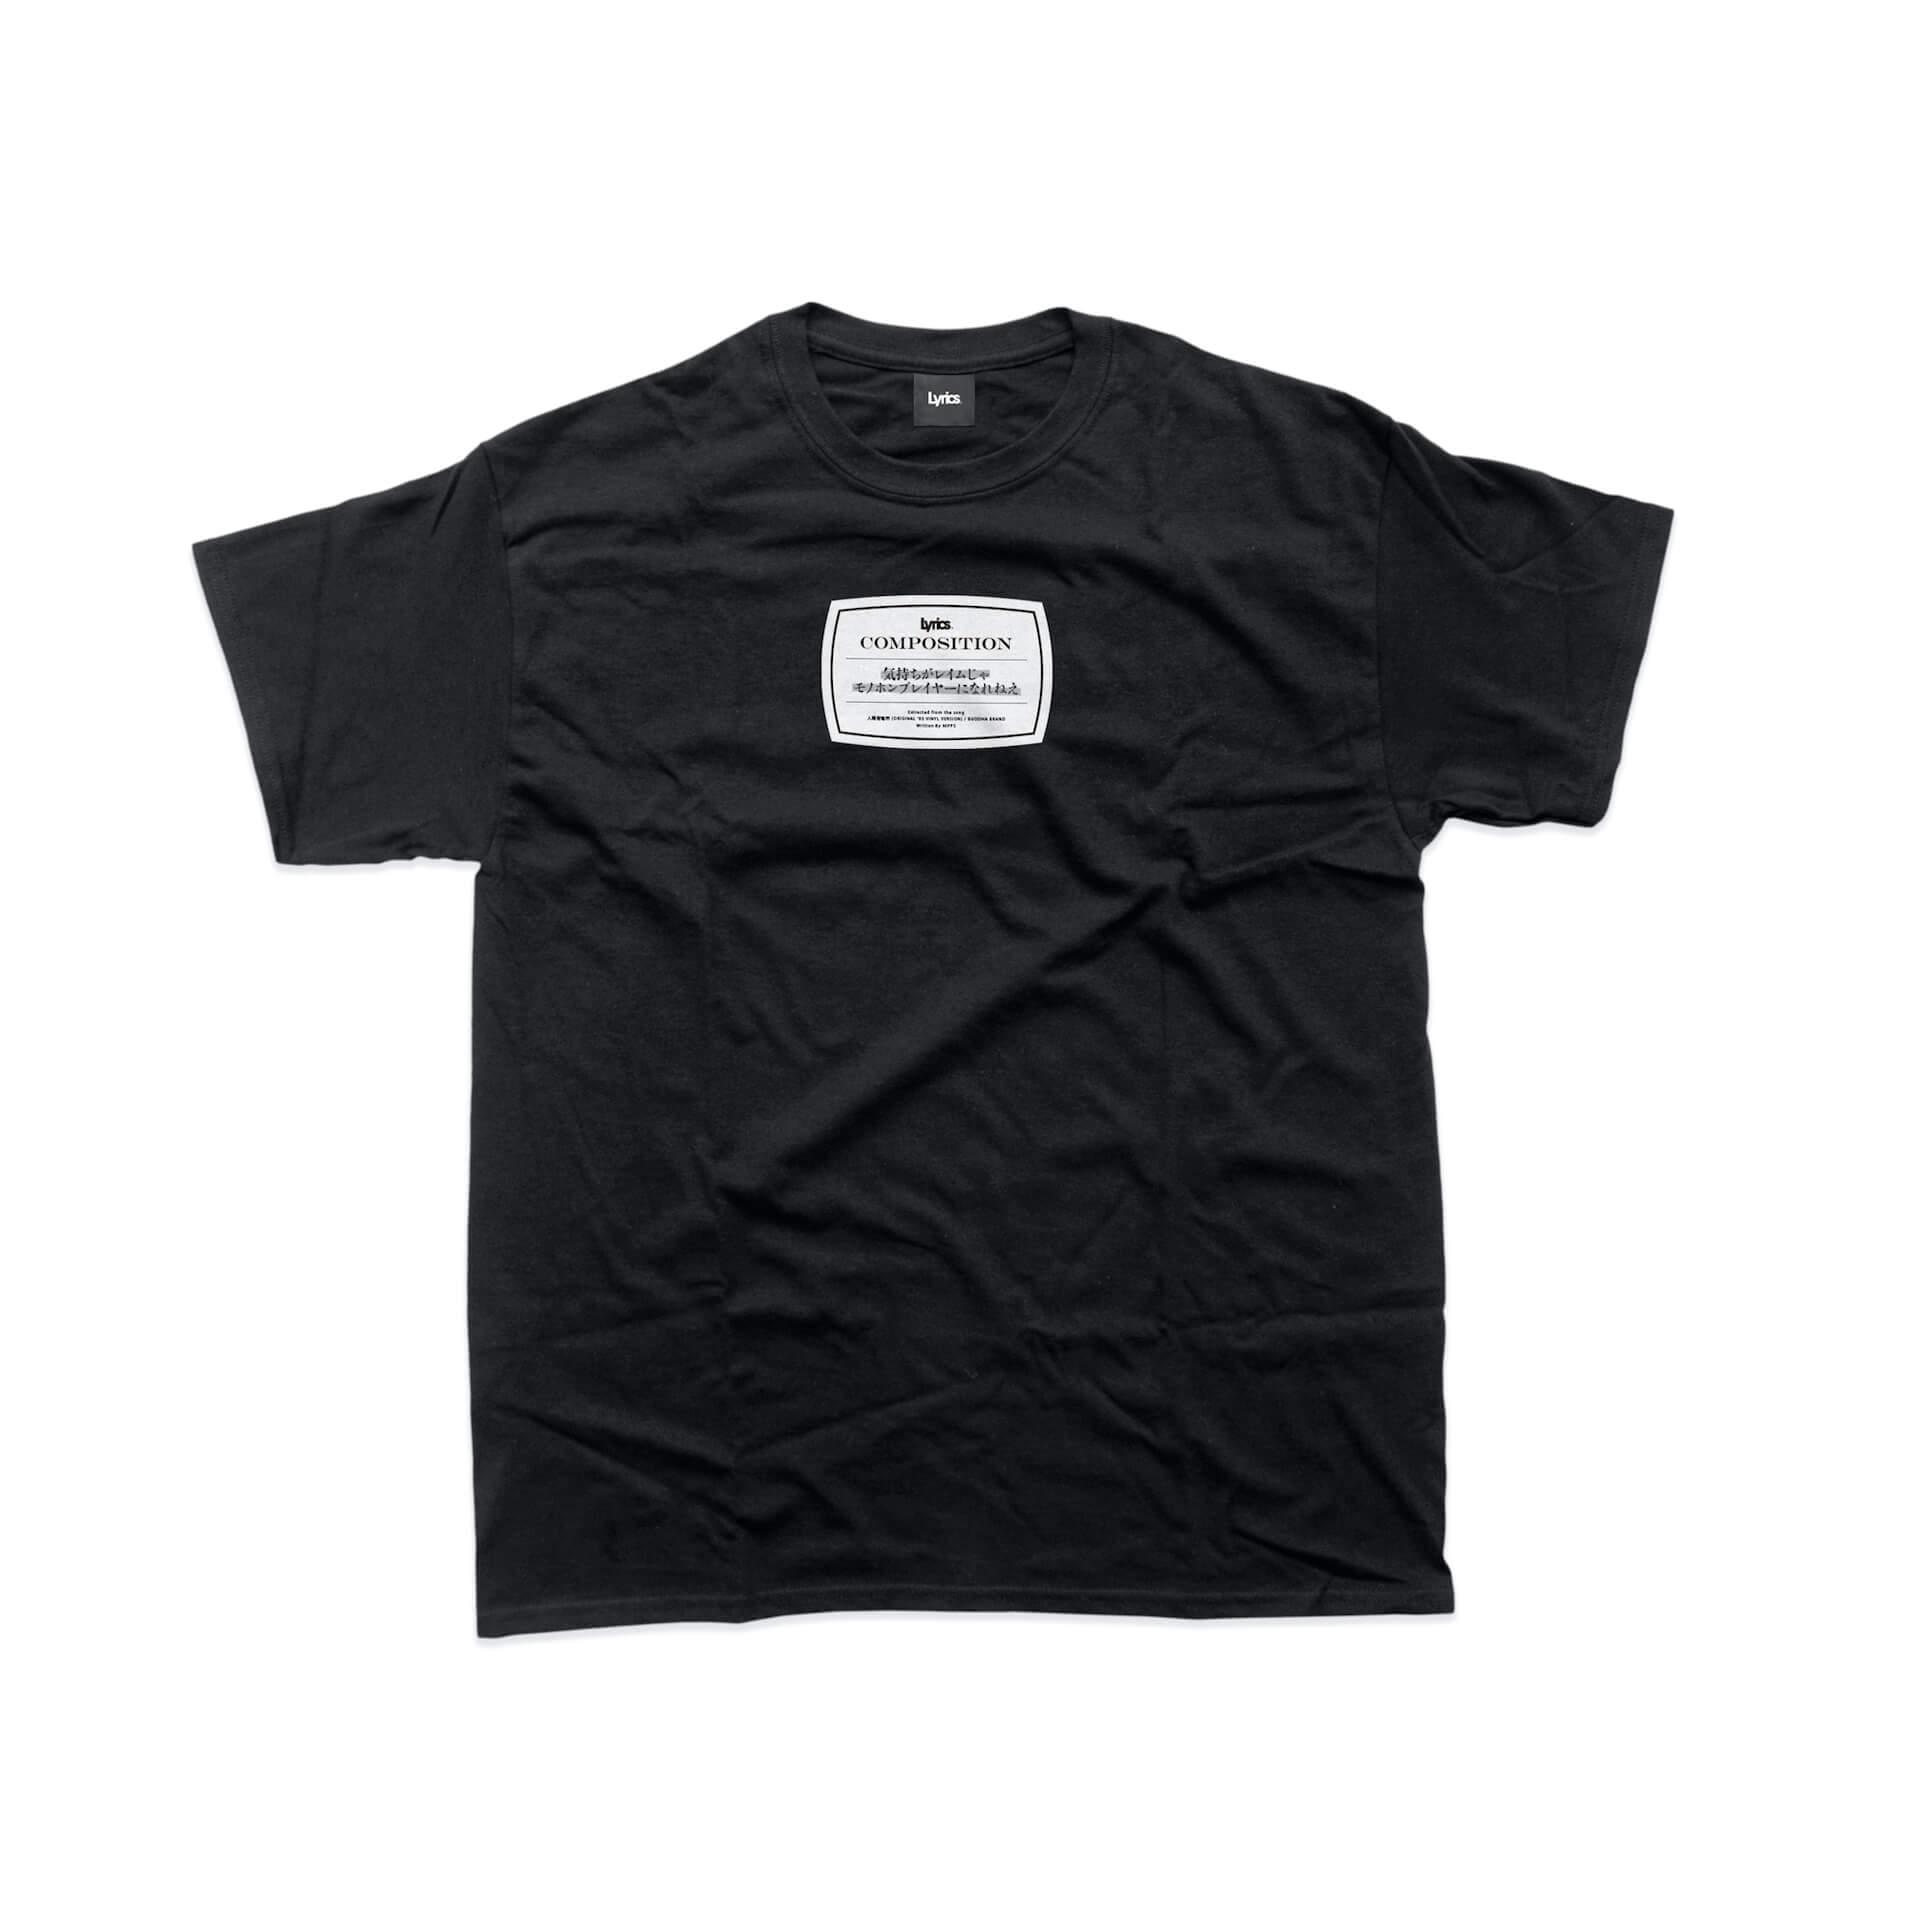 Zeebra、NIPPS、TWIGYのパンチラインがアパレルに!?リリックをデザインに落とし込んだアパレルブランド『Lyrics』が登場! Fashion210608_LYRICS-tshirt6